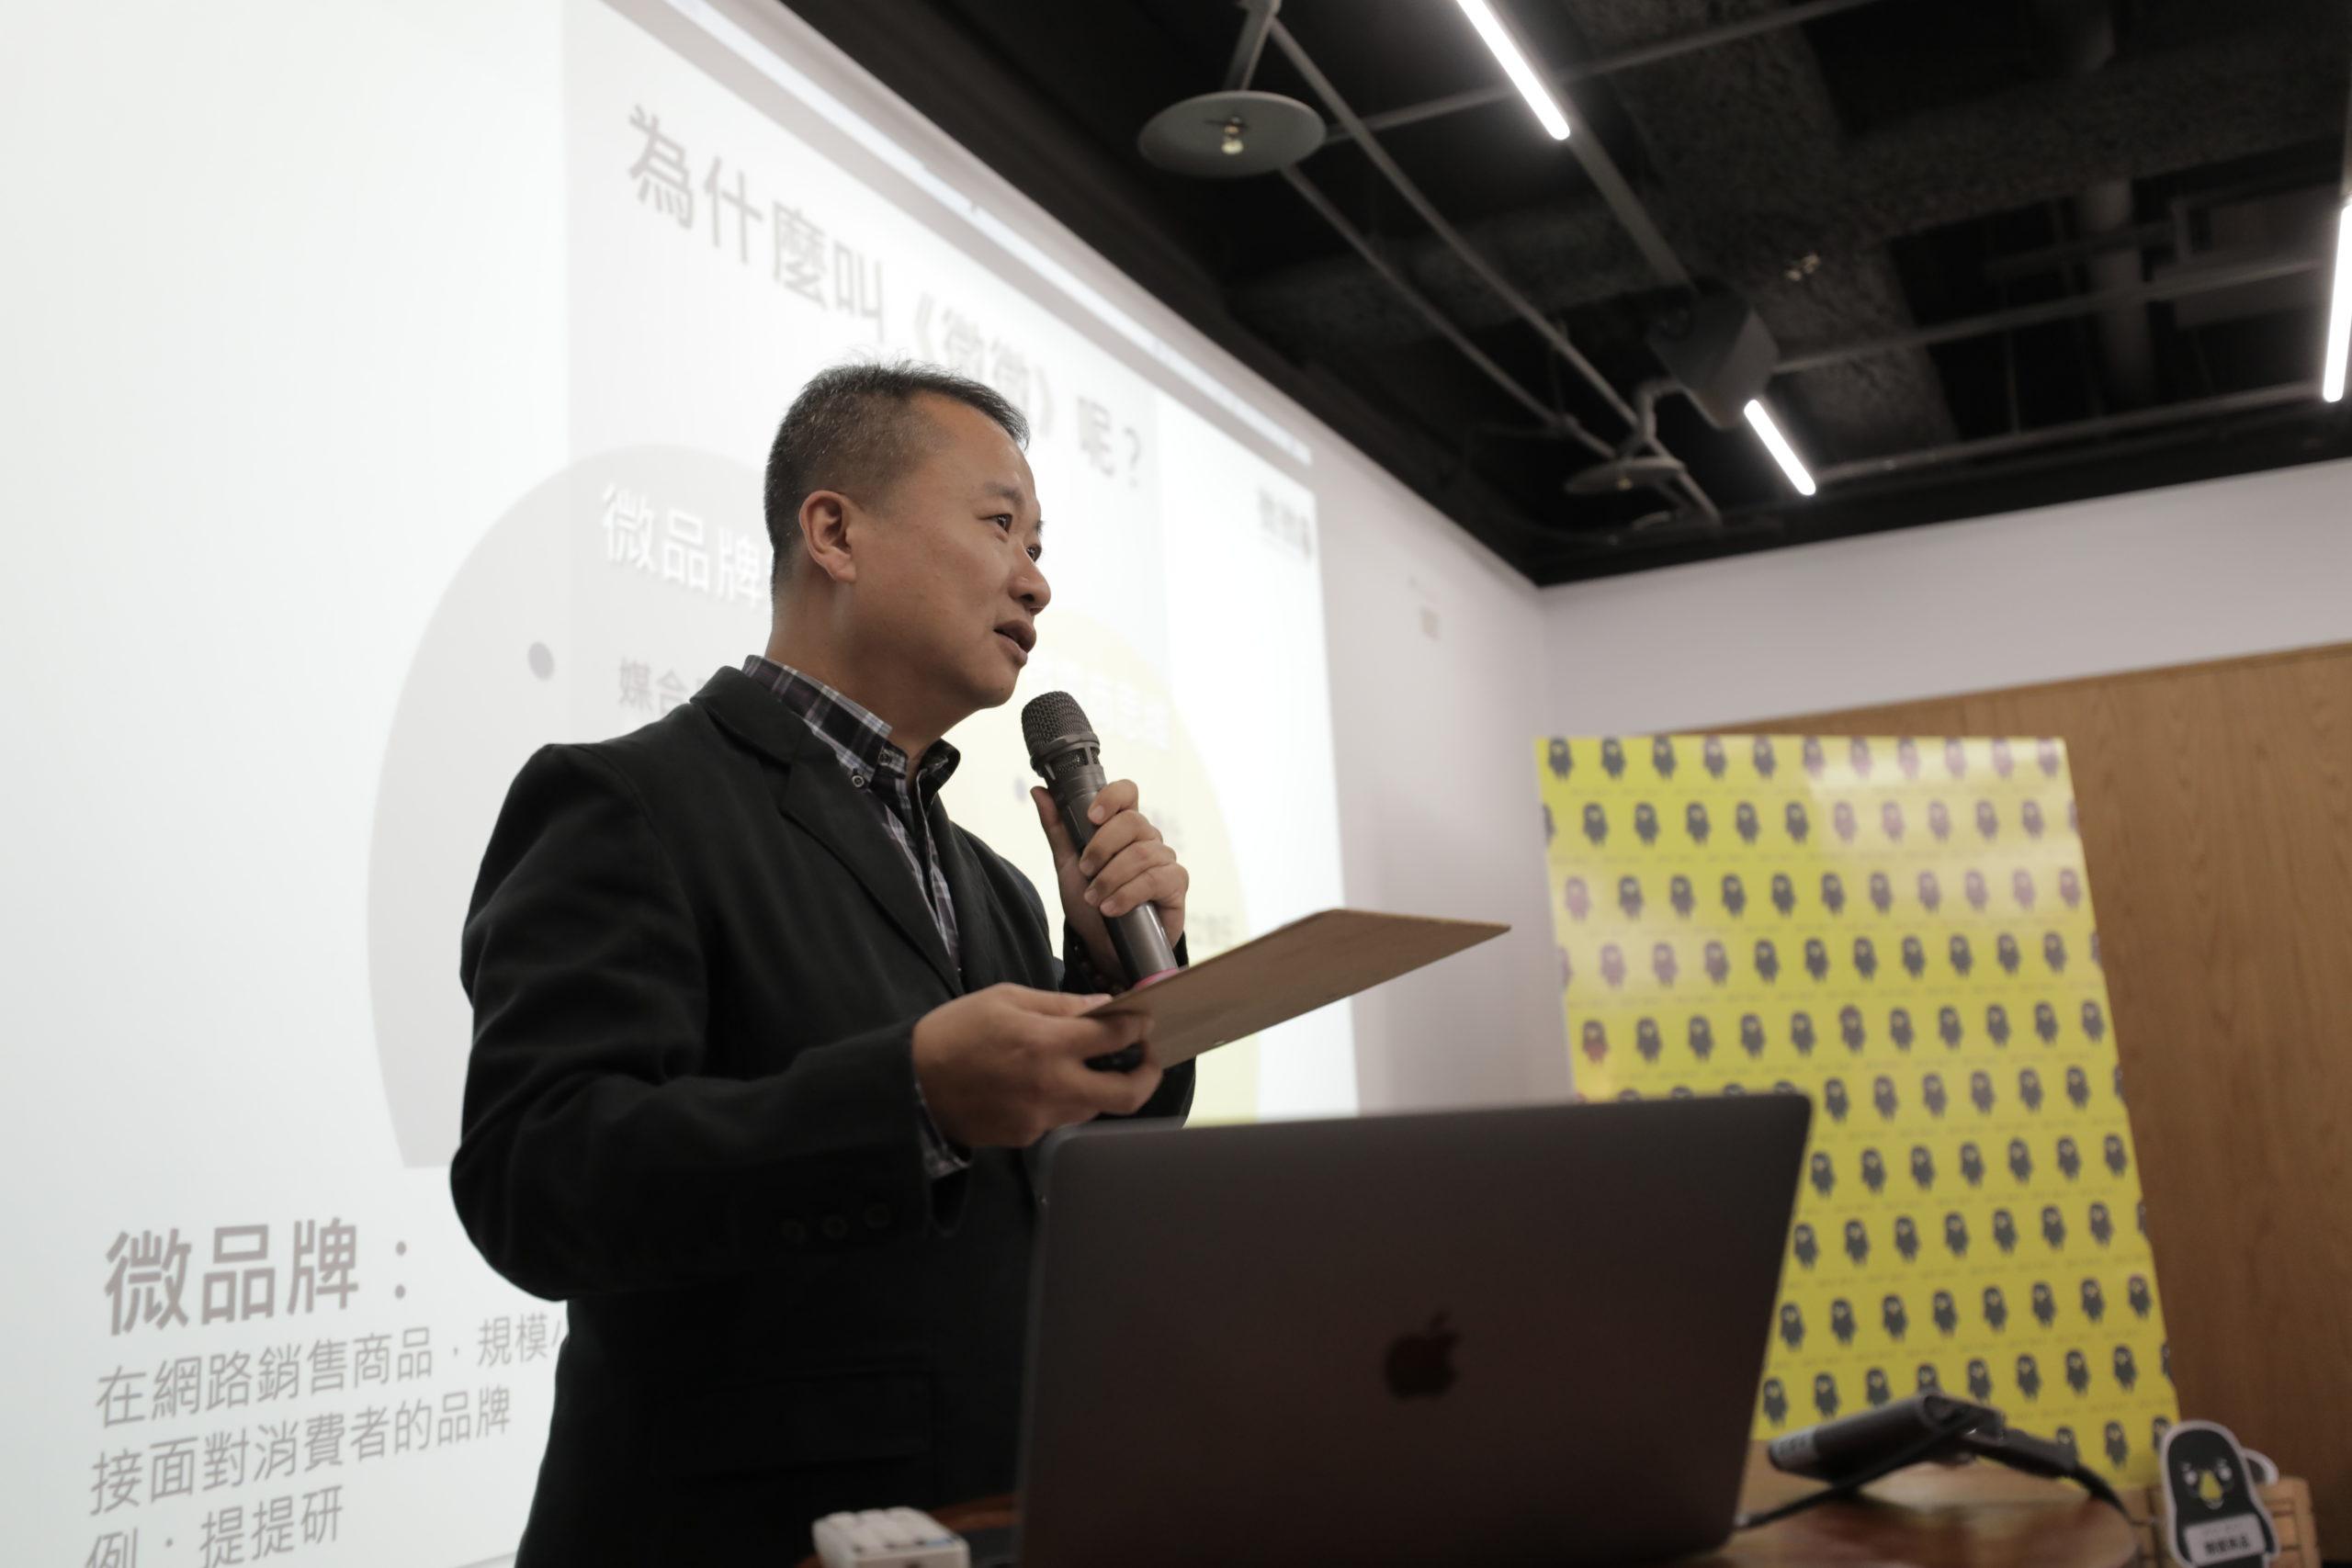 平台創辦人劉志宏講解微微平台創辦理念。/圖:微微平台